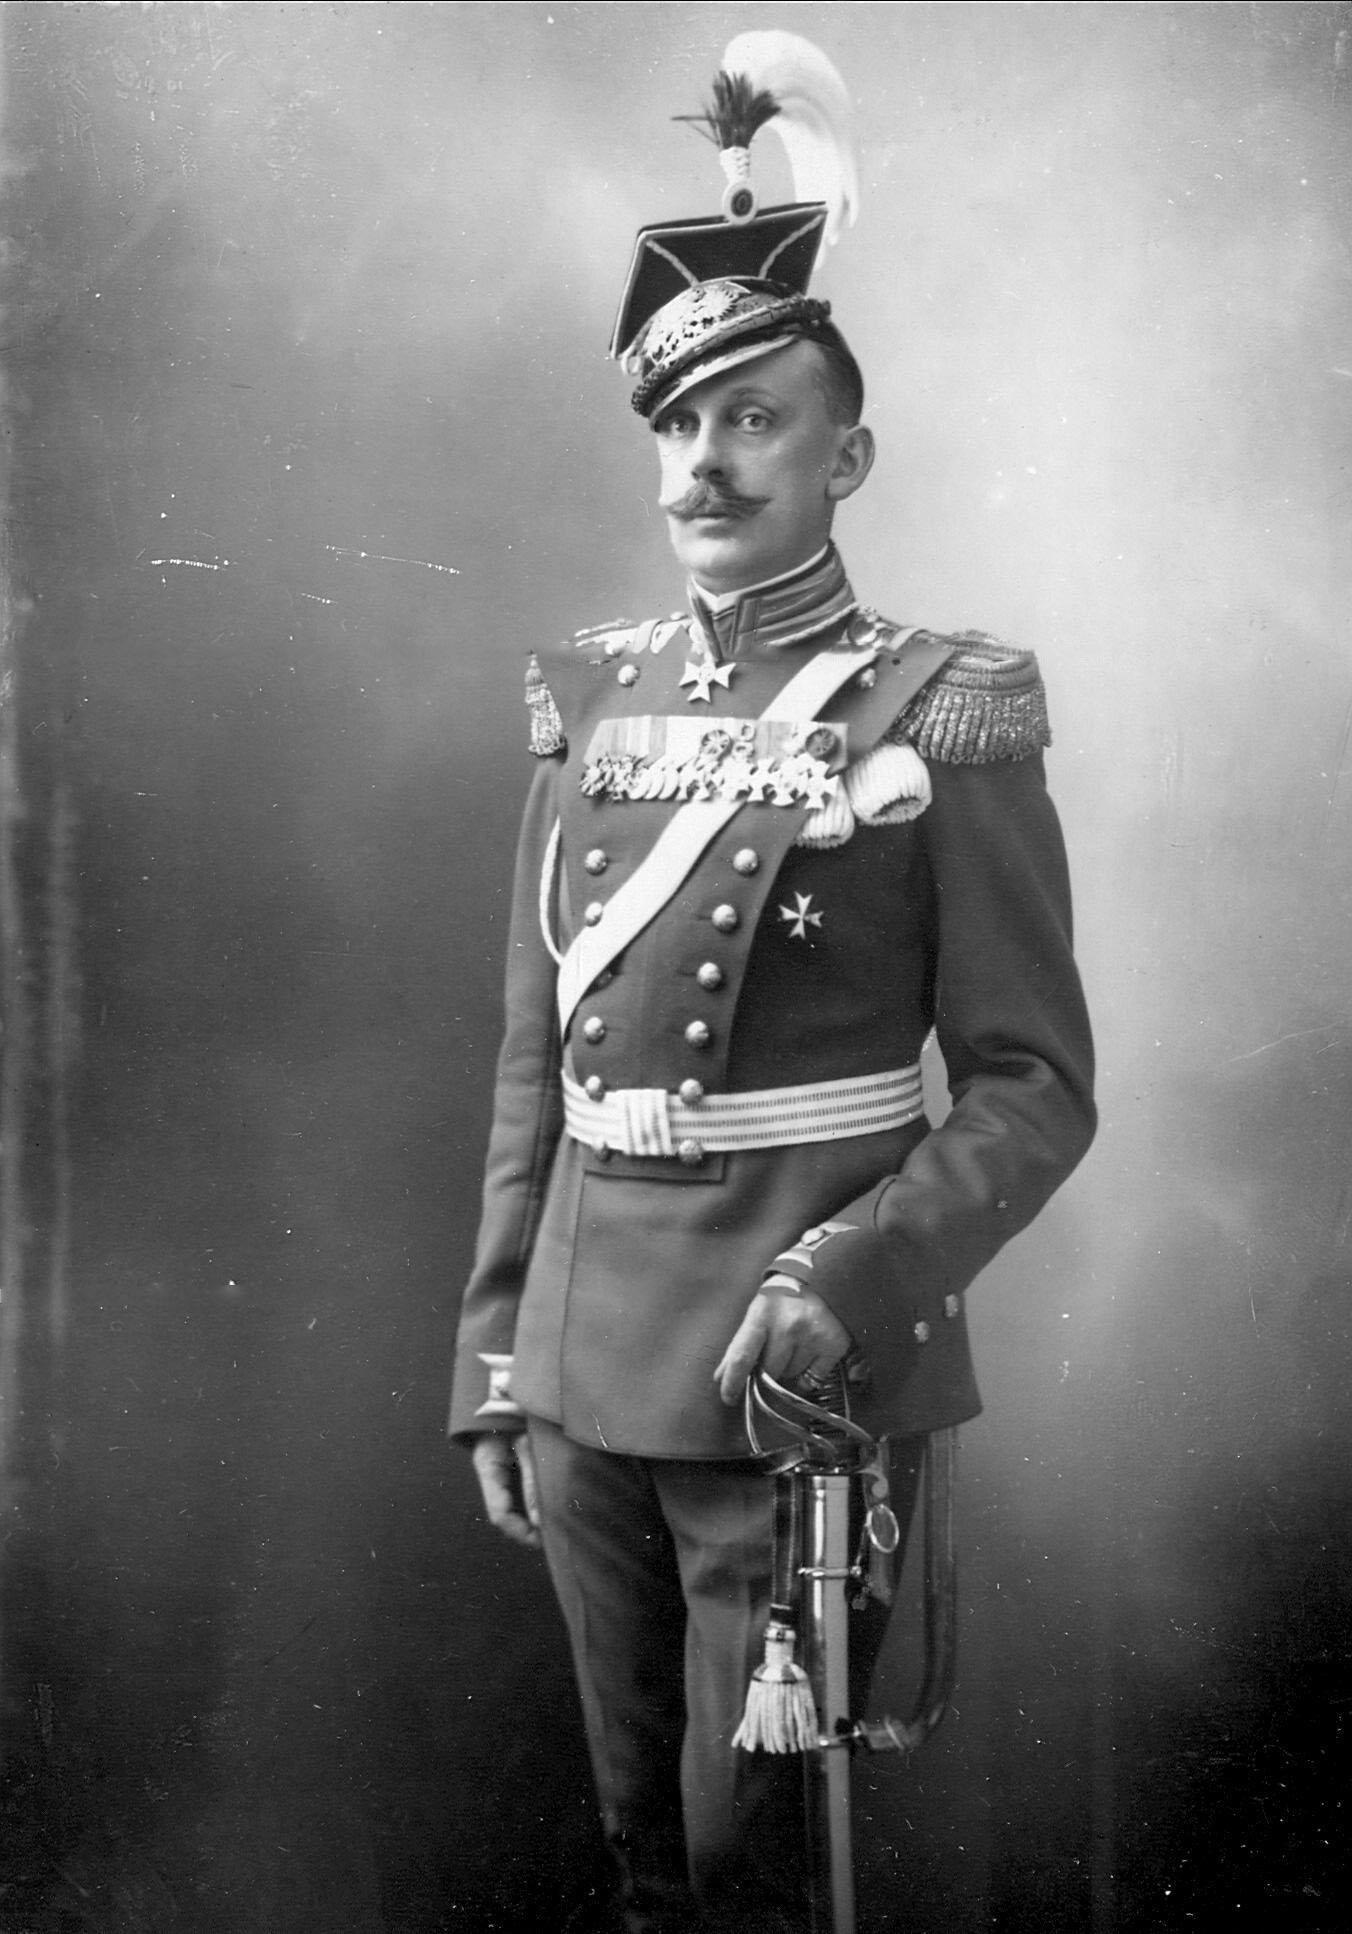 Генерал-майор, командир Уланского Её Величества лейб-гвардии полка в 1910-1913 годах князь С.К.Белосельский-Белозерский